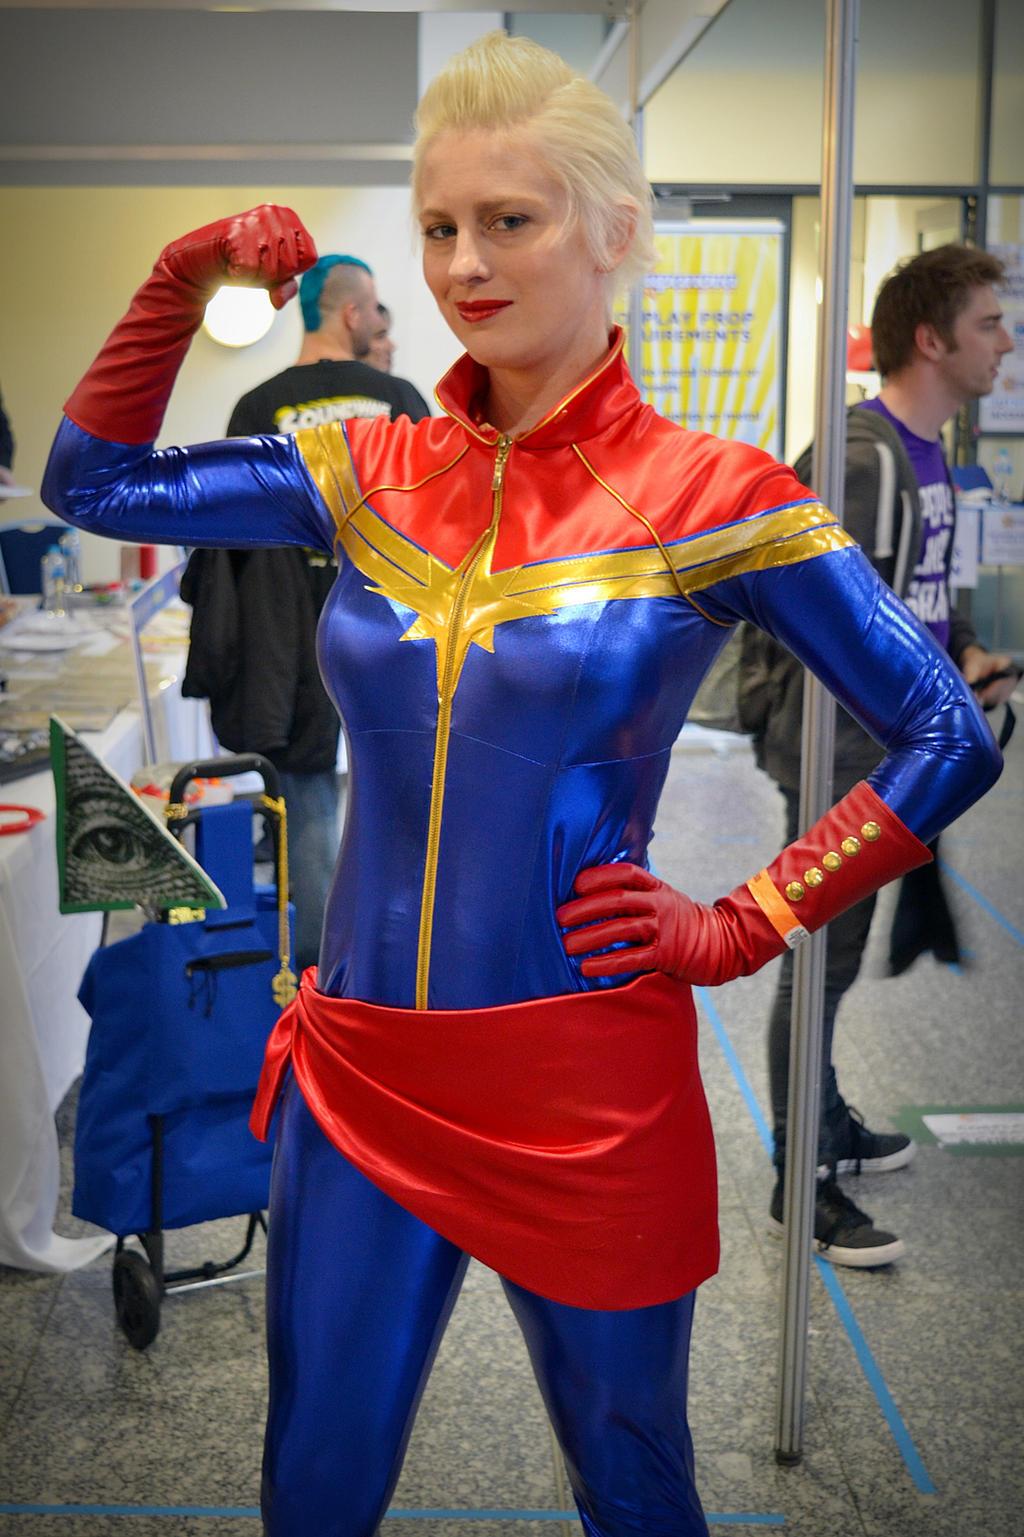 Captain Marvel Cosplay 2 At 2016 Sydney Supanova By Rbompro1 On Deviantart Въведете до 375 символа, за да добавите описание към джаджата си captain marvel cosplay 2 at 2016 sydney